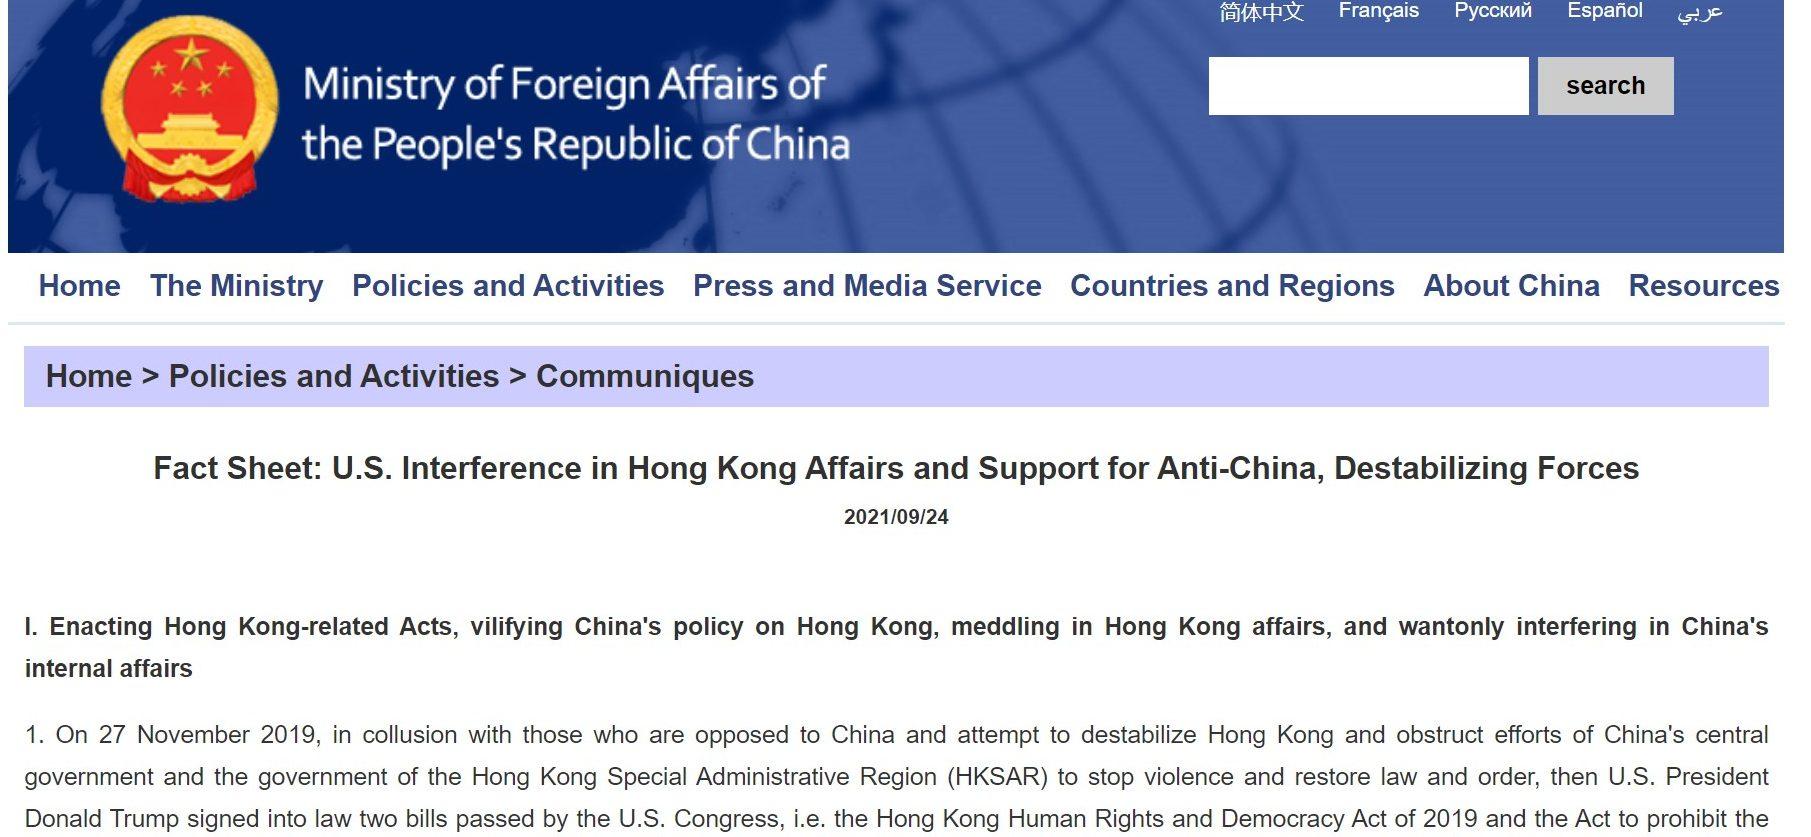 China MOFA's factsheet on US interference